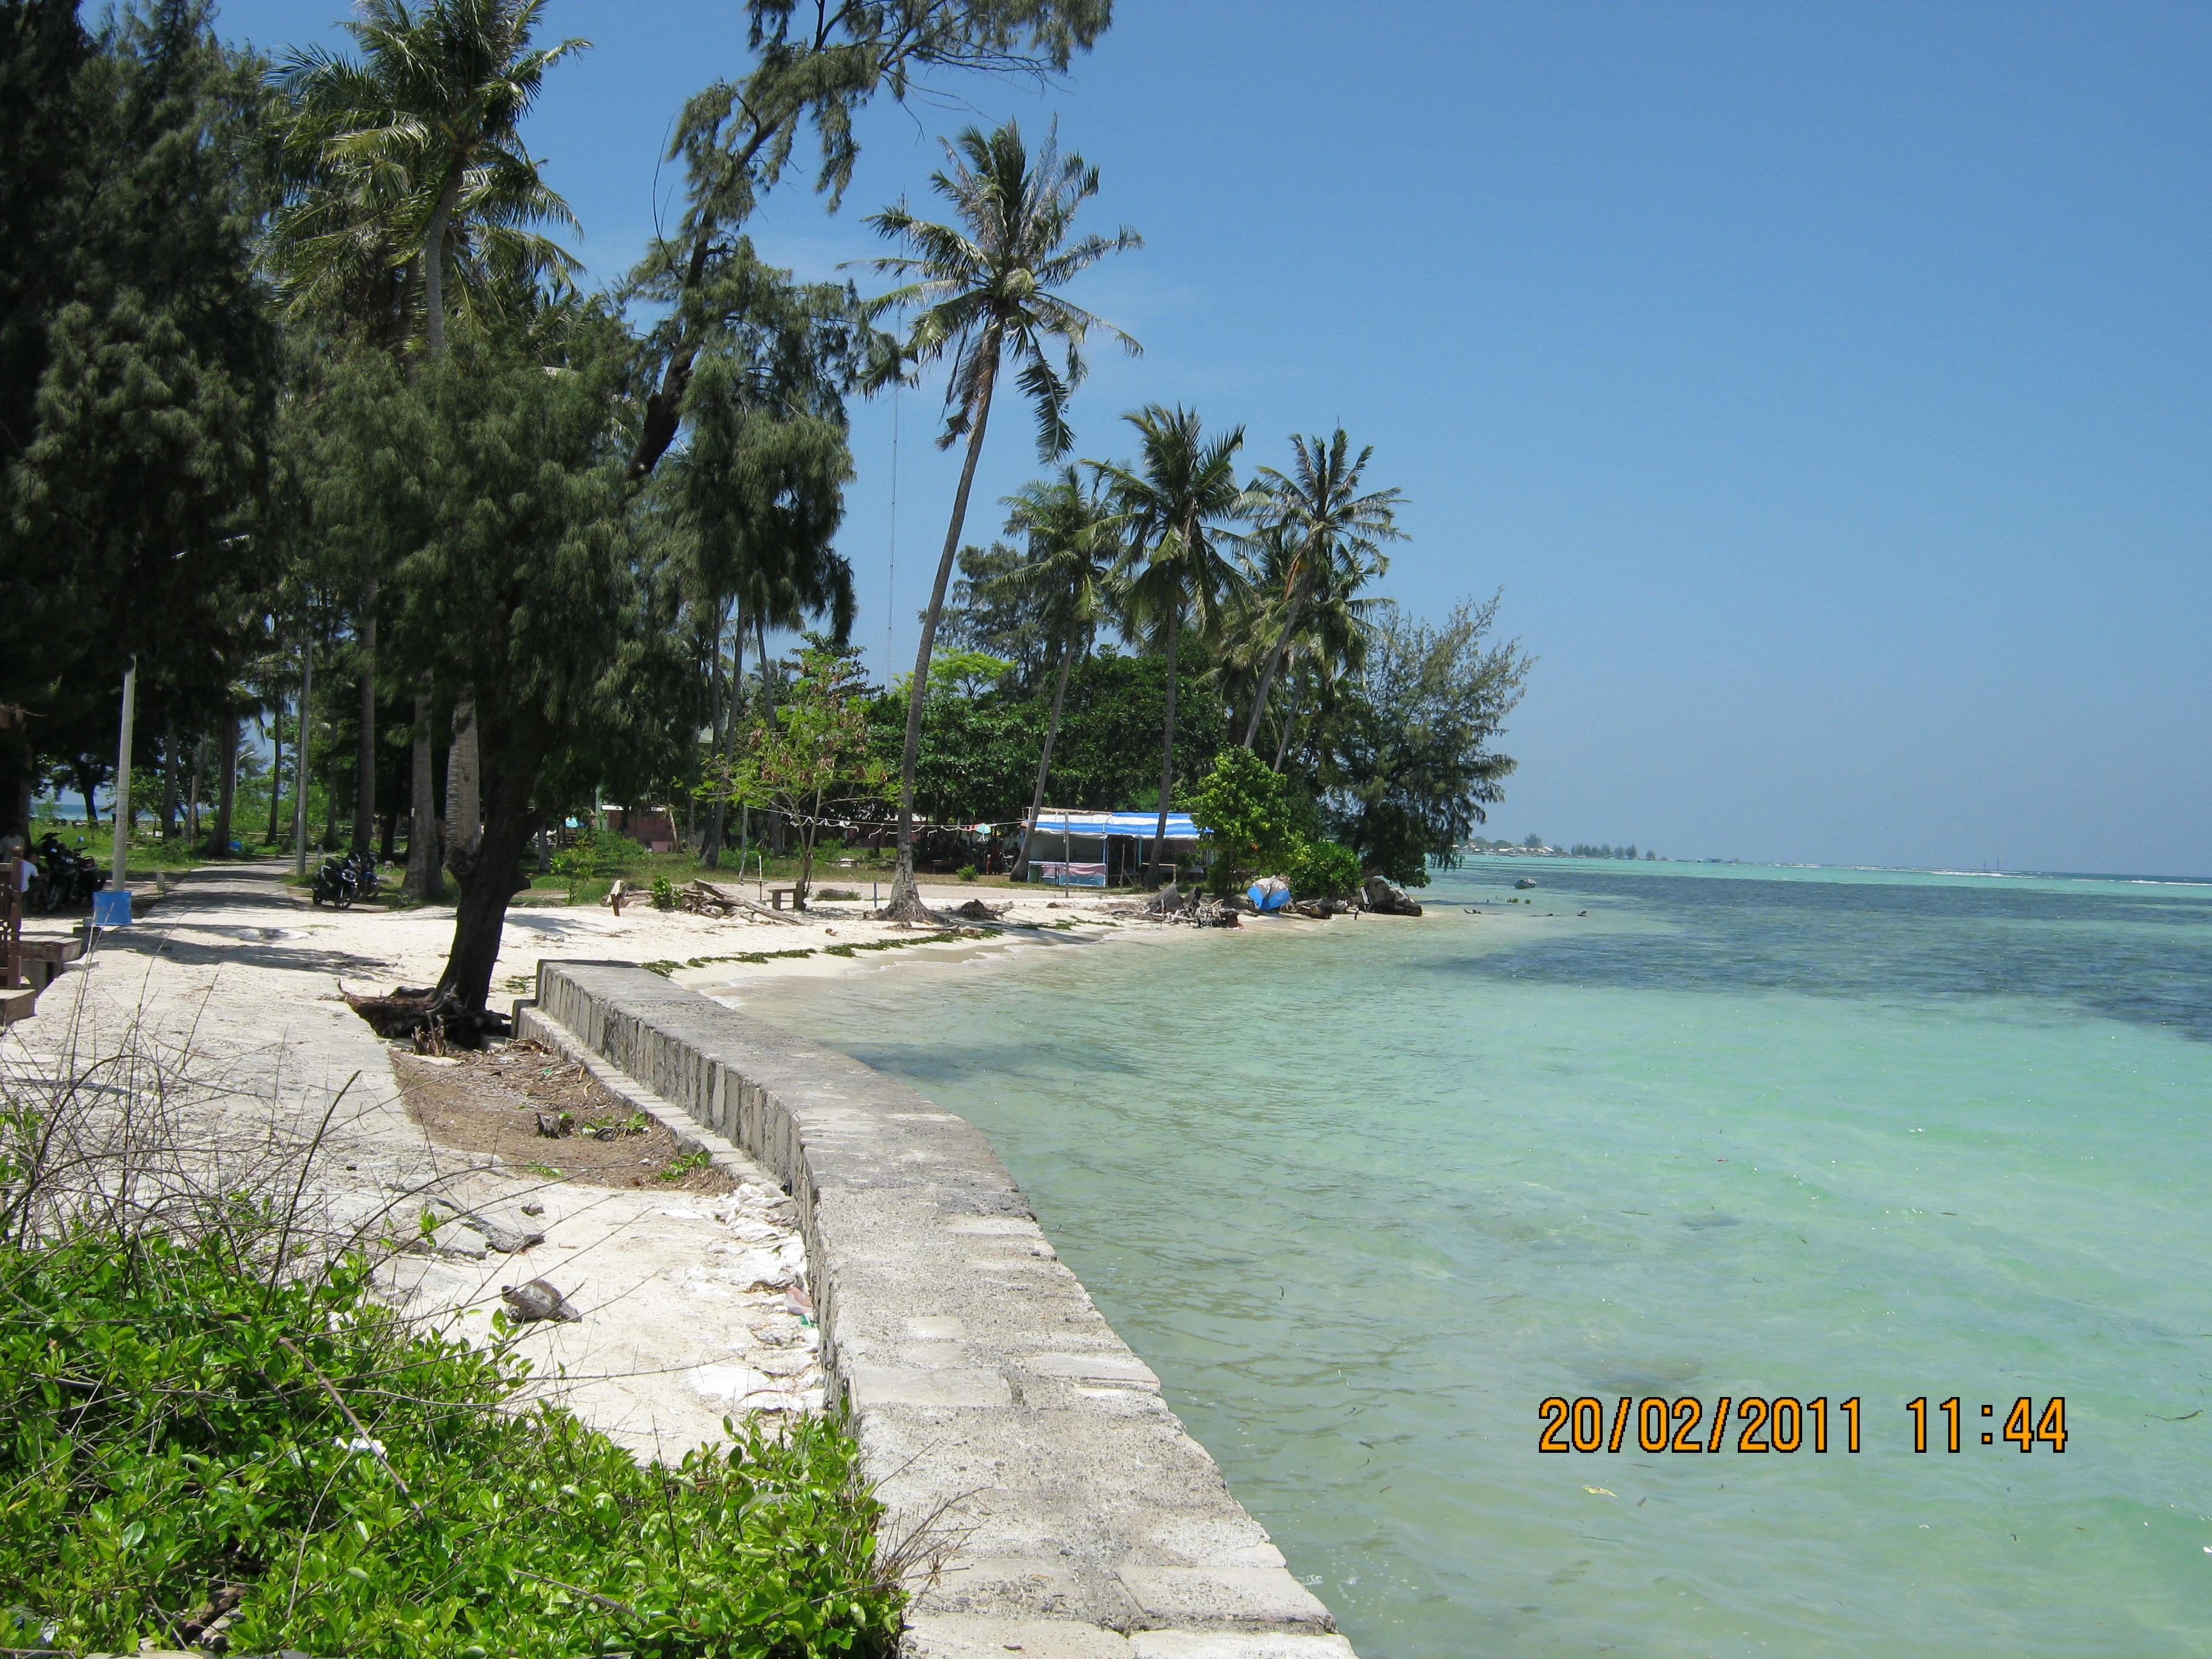 Wisata Kota Promowisata Pulau Tidung Secara Administrastif Termasuk Kecamatan Kepulauan